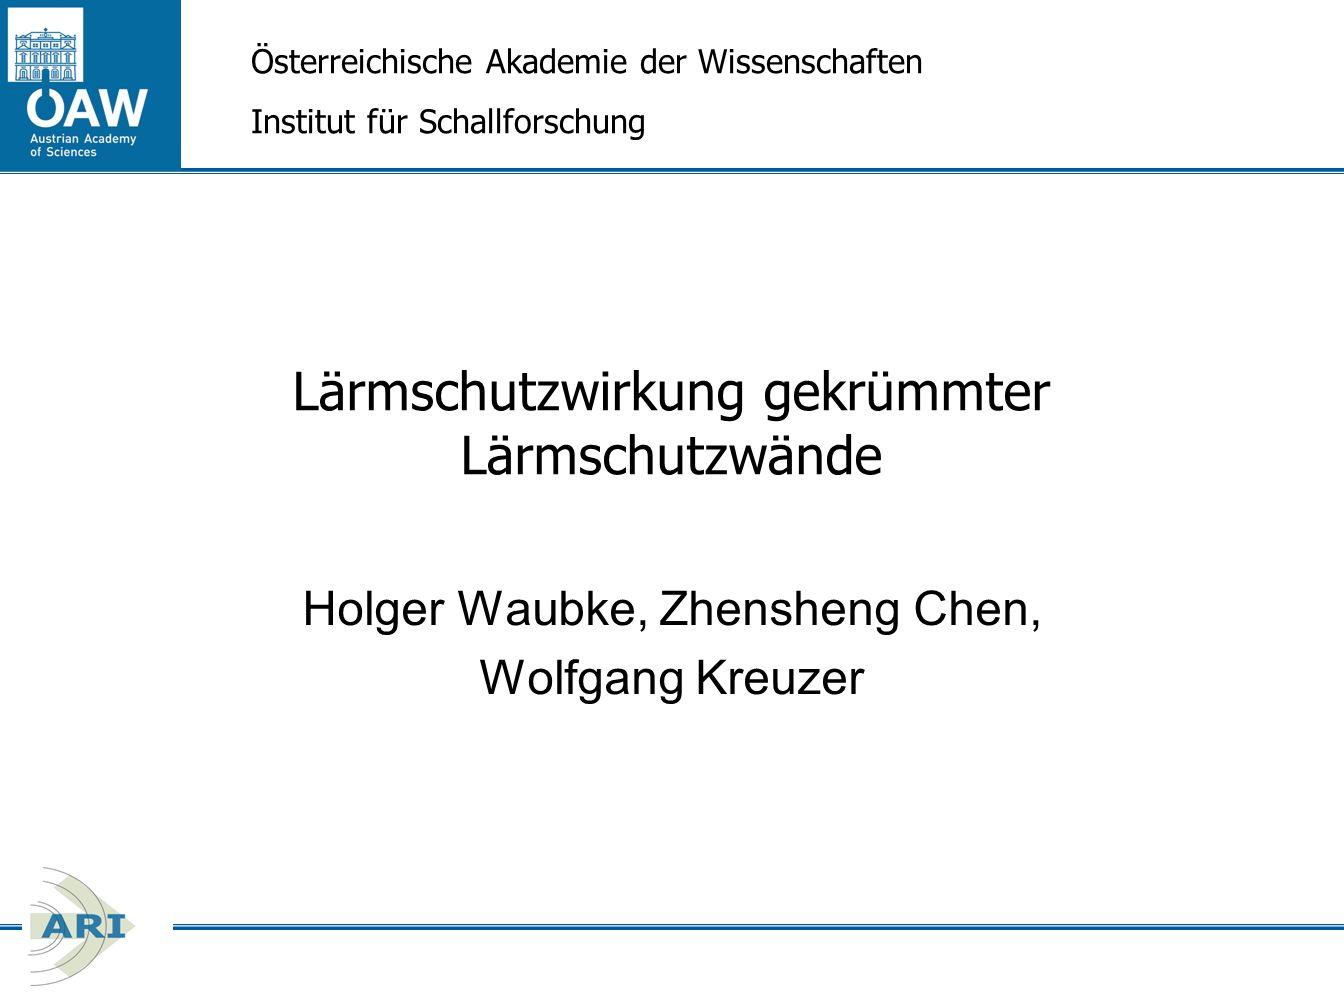 Lärmschutzwirkung gekrümmter Lärmschutzwände Holger Waubke, Zhensheng Chen, Wolfgang Kreuzer Österreichische Akademie der Wissenschaften Institut für